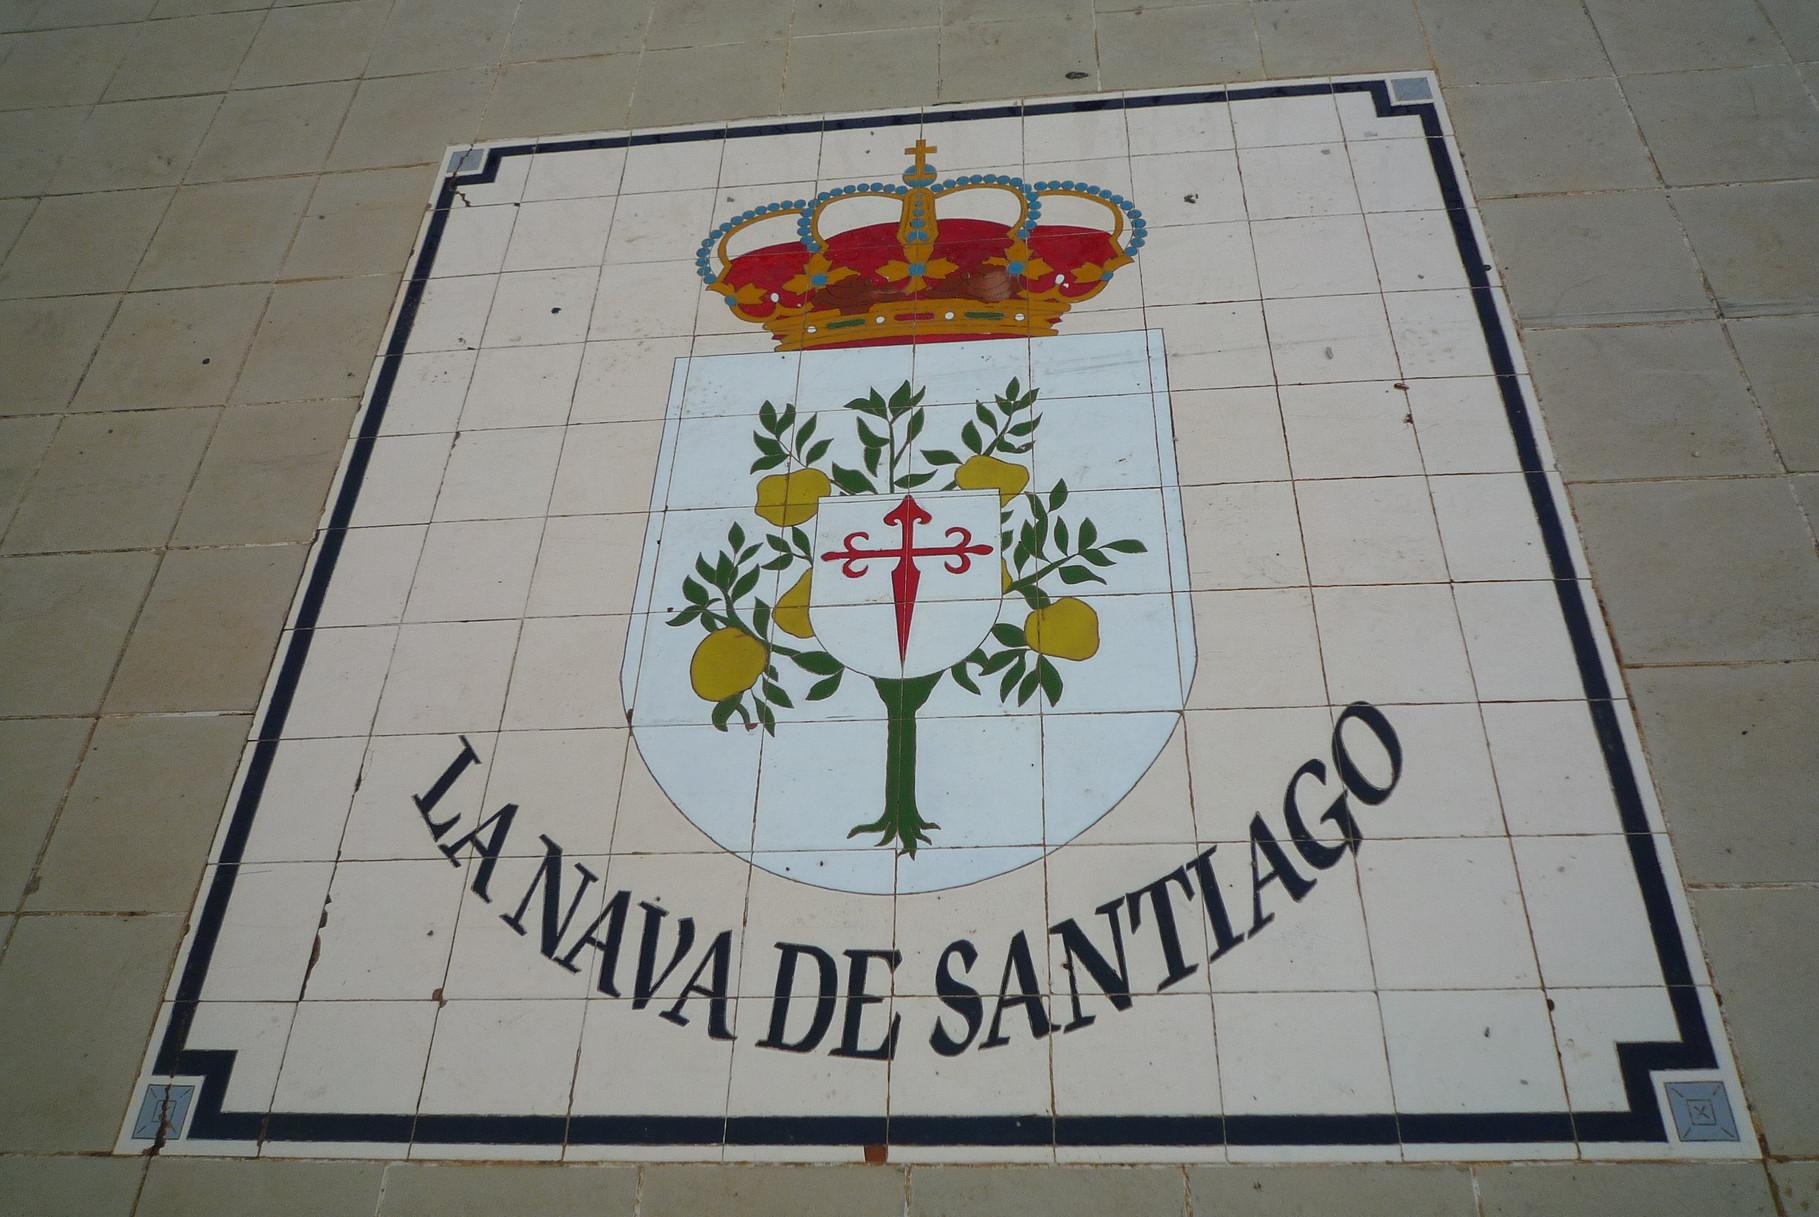 Mein Dorf: La Nava de Santiago, Badajoz